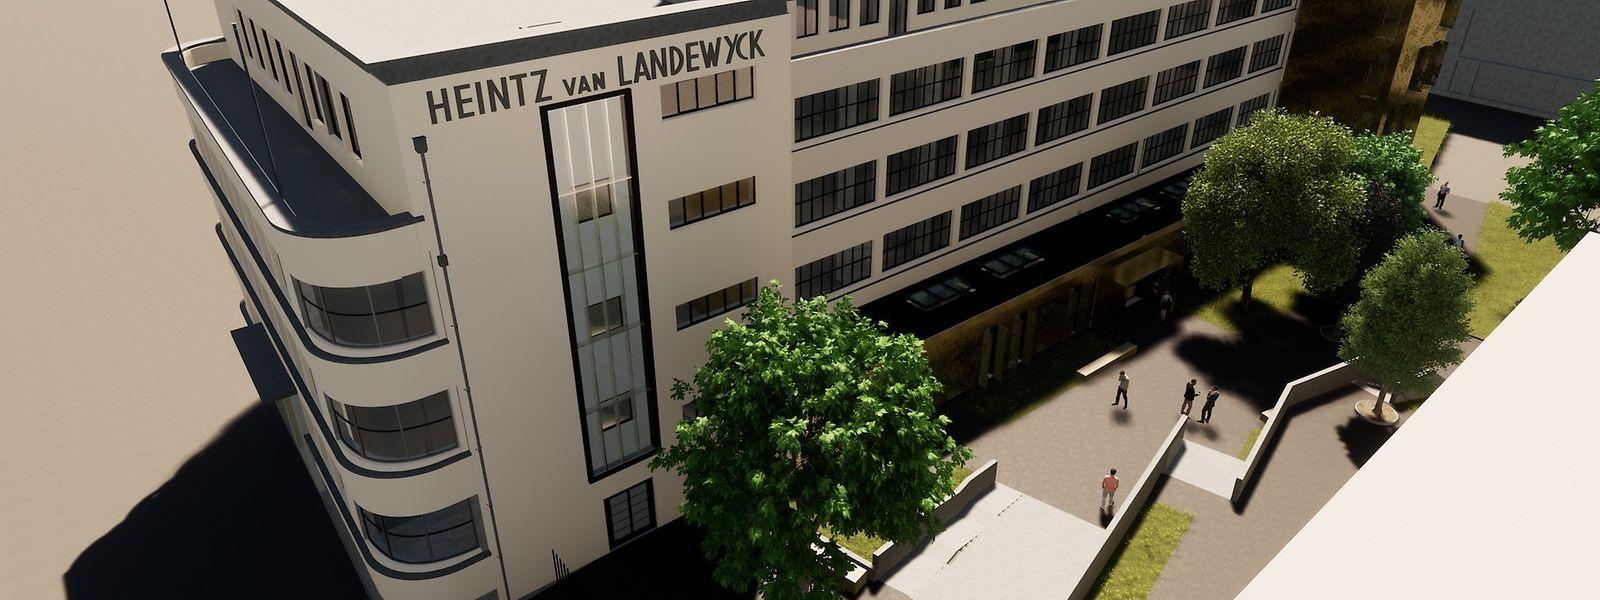 Inscrit au patrimoine de la capitale, l'ancien siège social de Heintz van Landewyck doit être transformé en espace de bureaux, sur une surface de 5.500 m2.